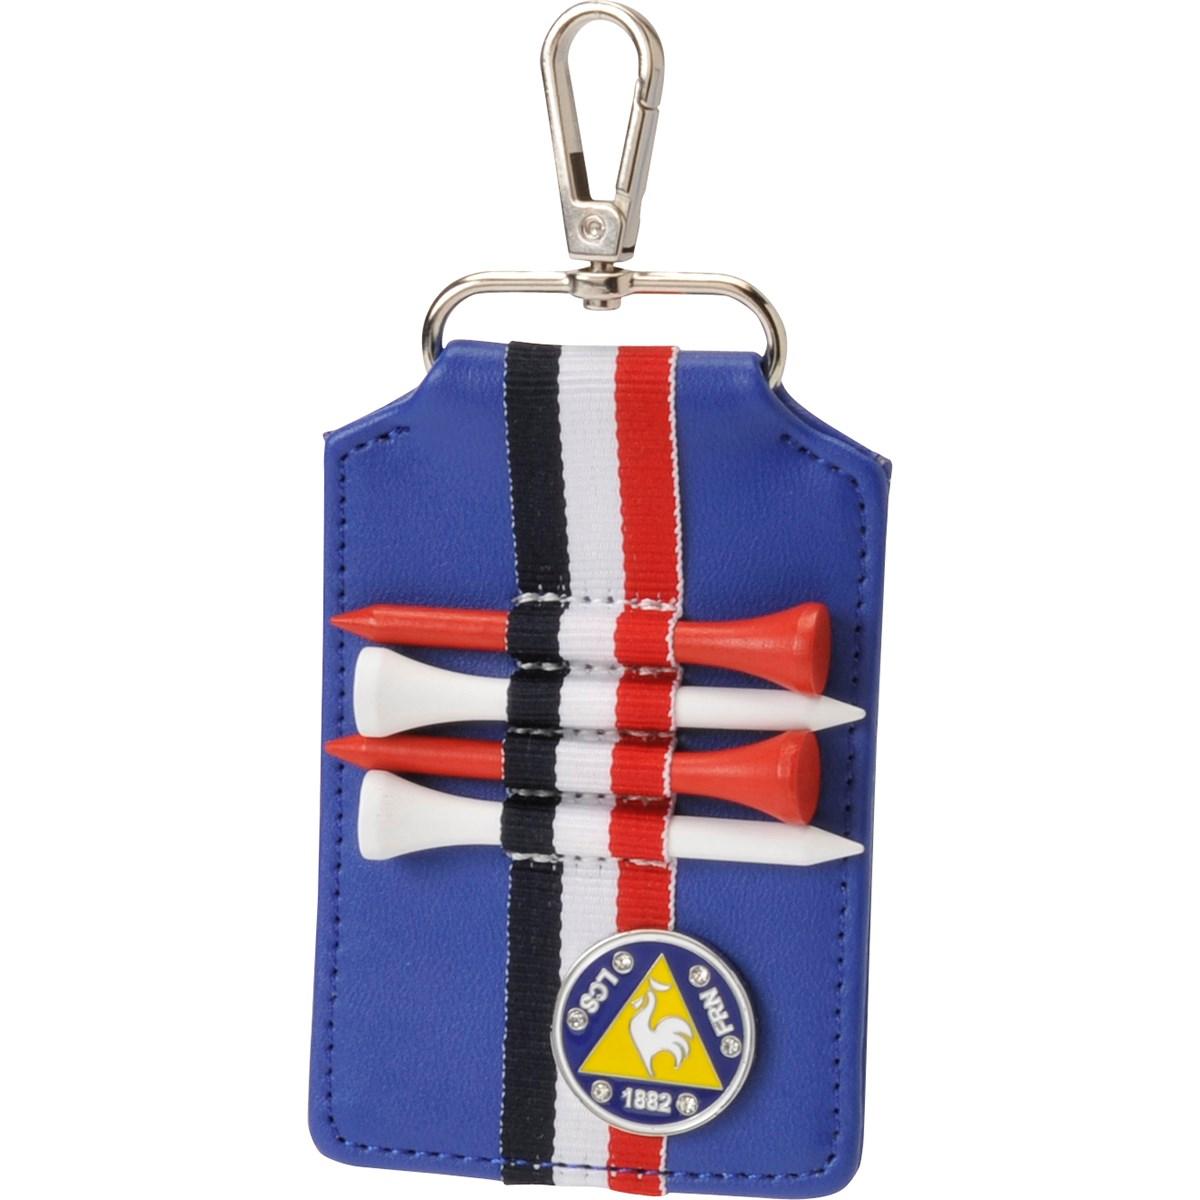 ルコックゴルフ Le coq sportif GOLF ティーホルダー ブルー 00